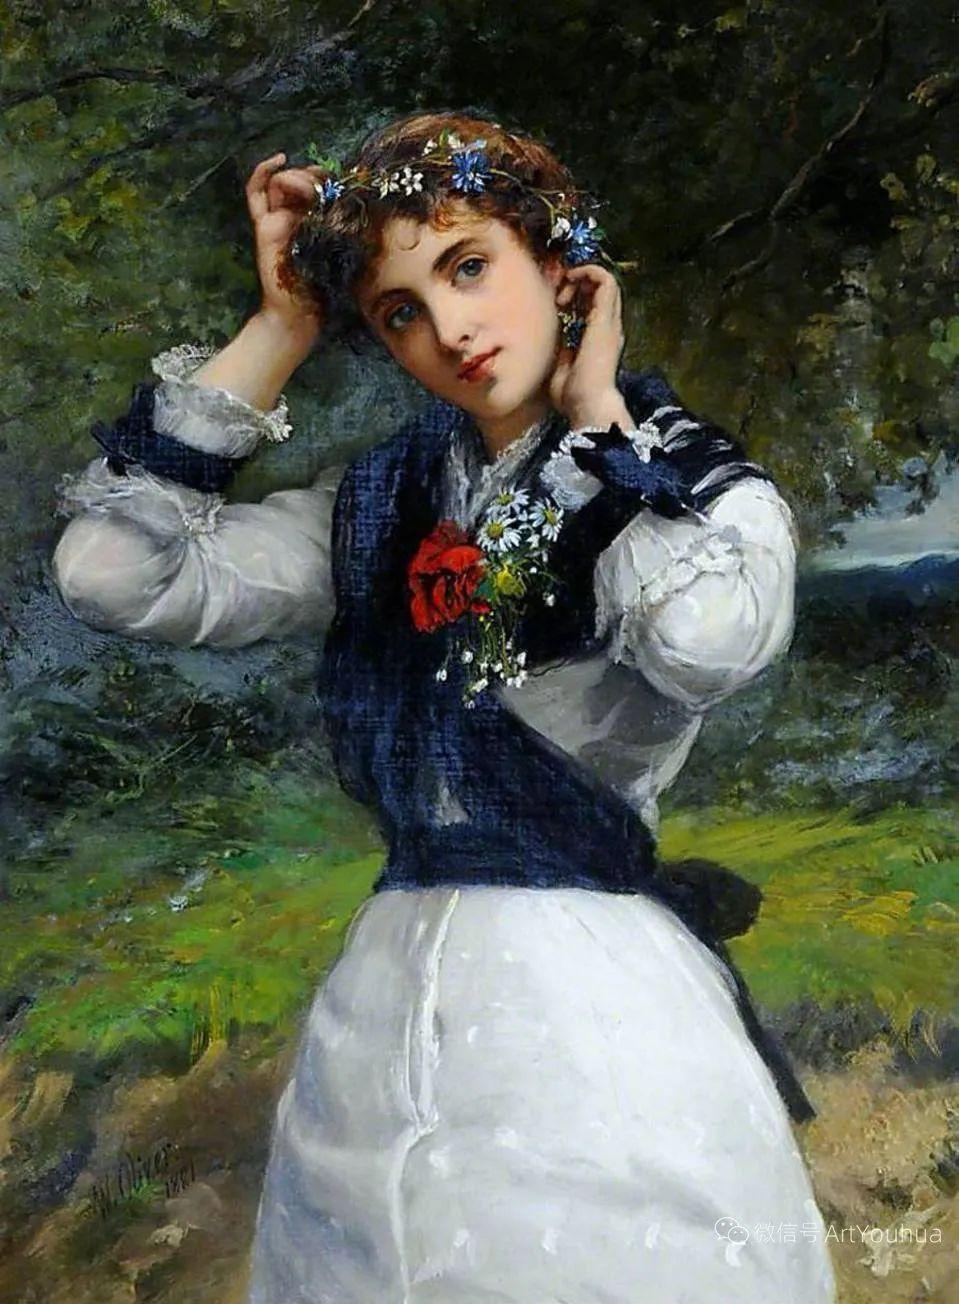 纯情与美丽,英国画家威廉·奥利弗作品选插图13